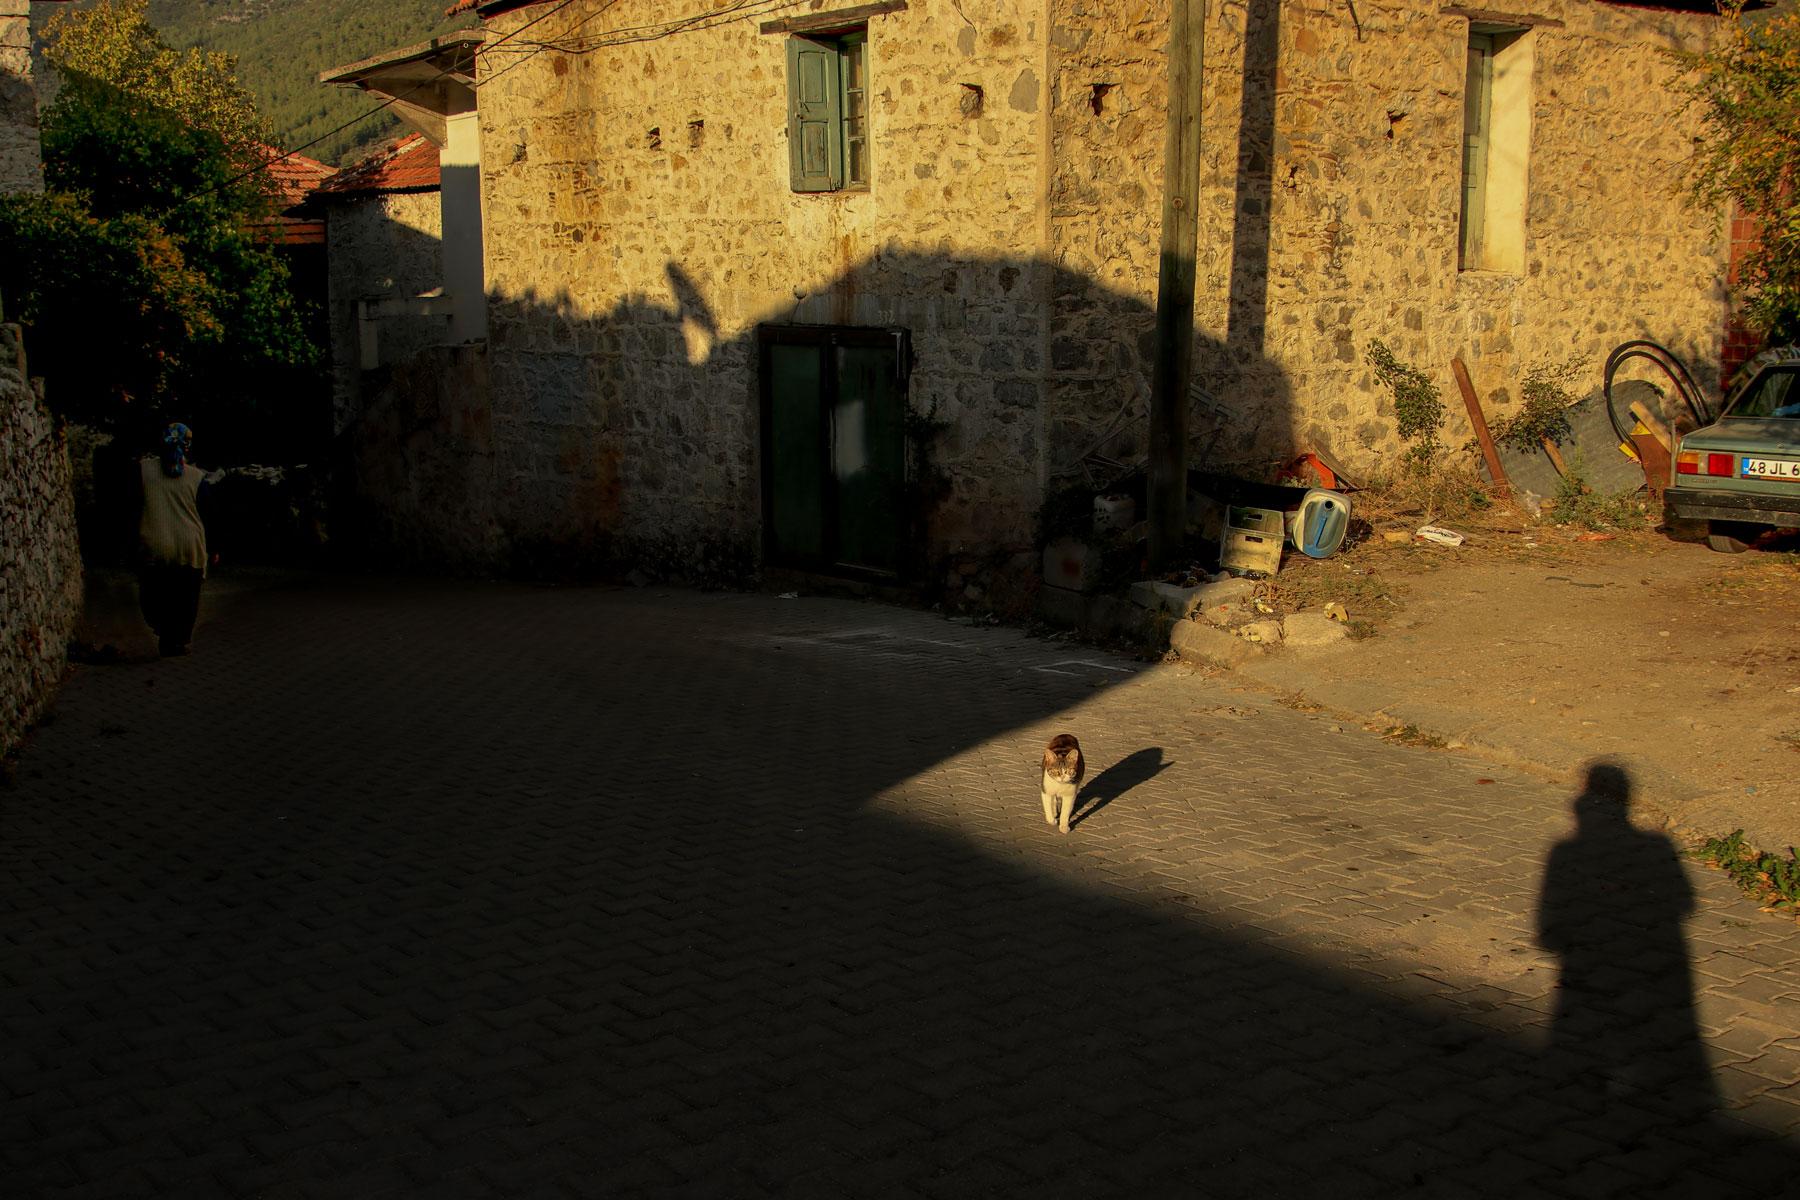 Fethiye Fotoğrafları www.hakanaydın.com.tr ÇekerGezeR Hakan Aydın Fethiye Fotoğraf Festivali